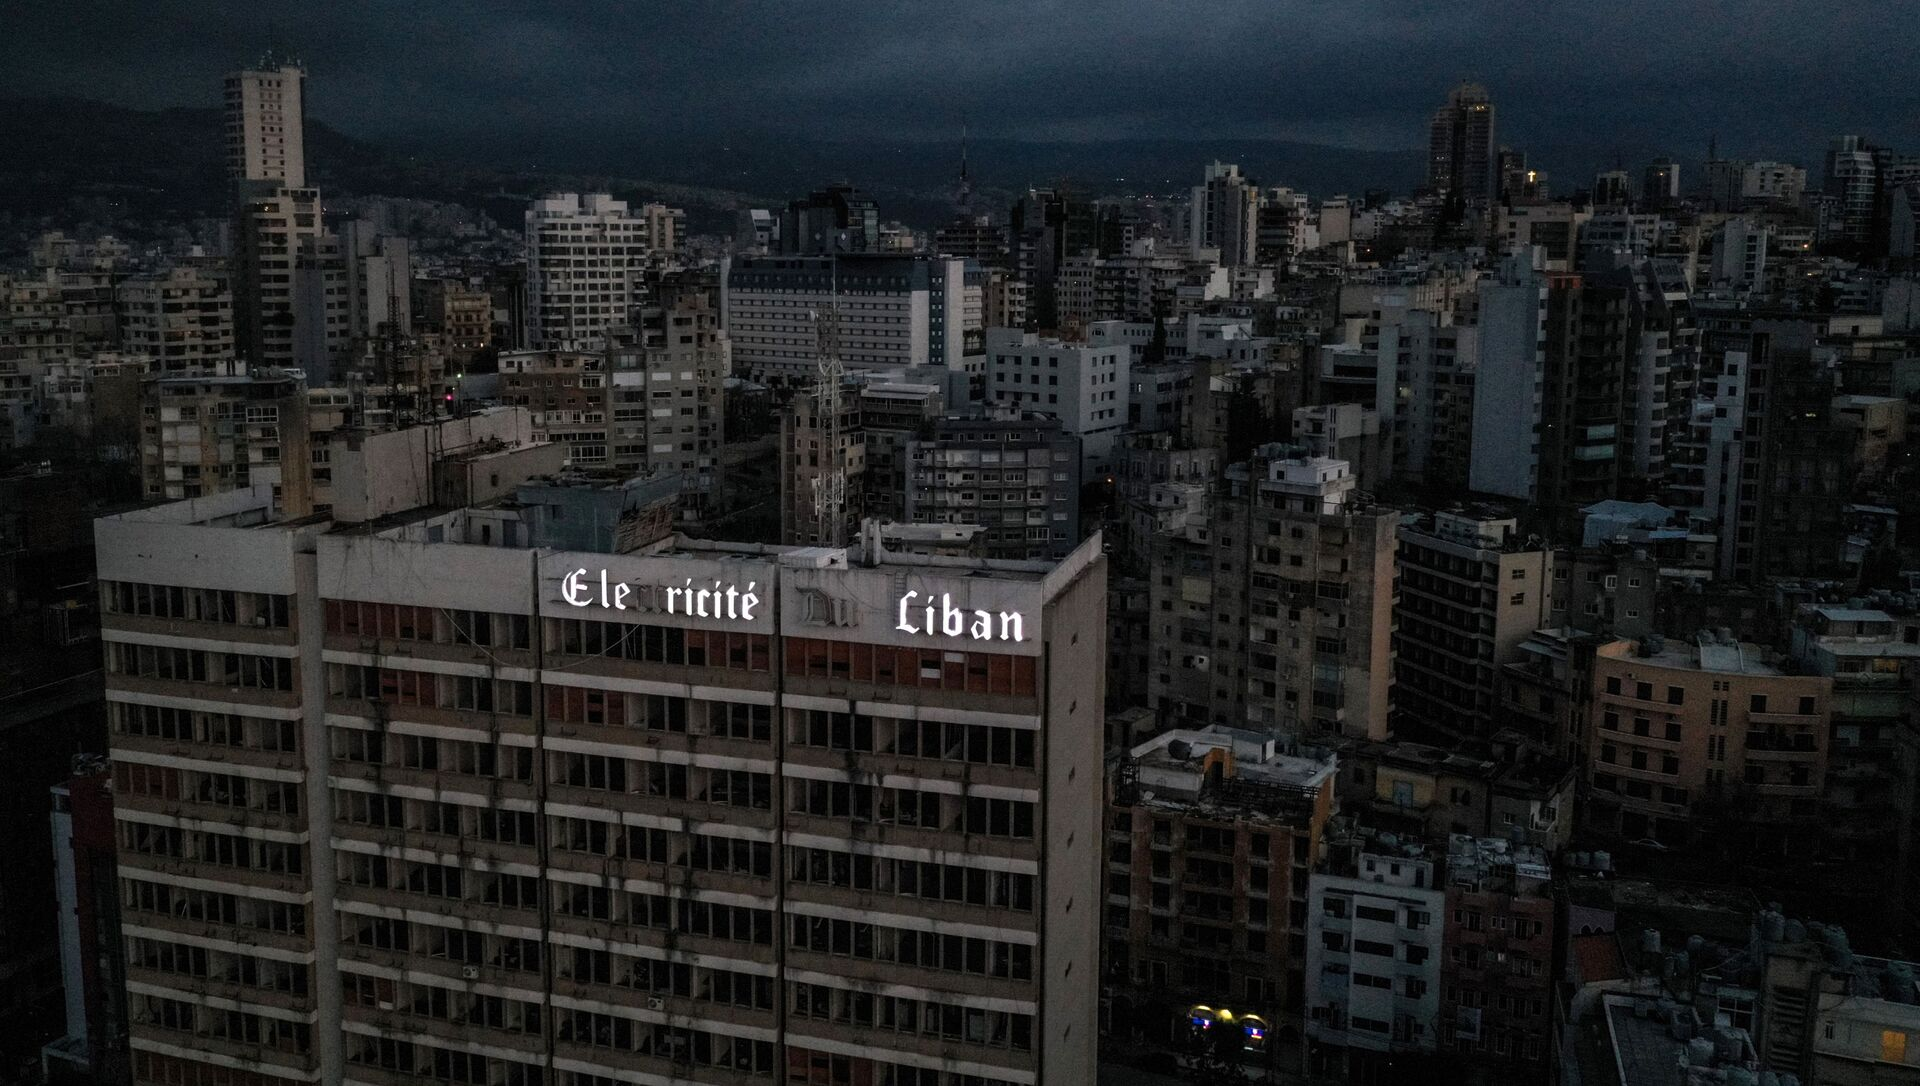 Une vue de Beyrouth plongé dans l'obsurité suite à une panne d'électricité, le 3 avril 2021 - Sputnik France, 1920, 08.09.2021